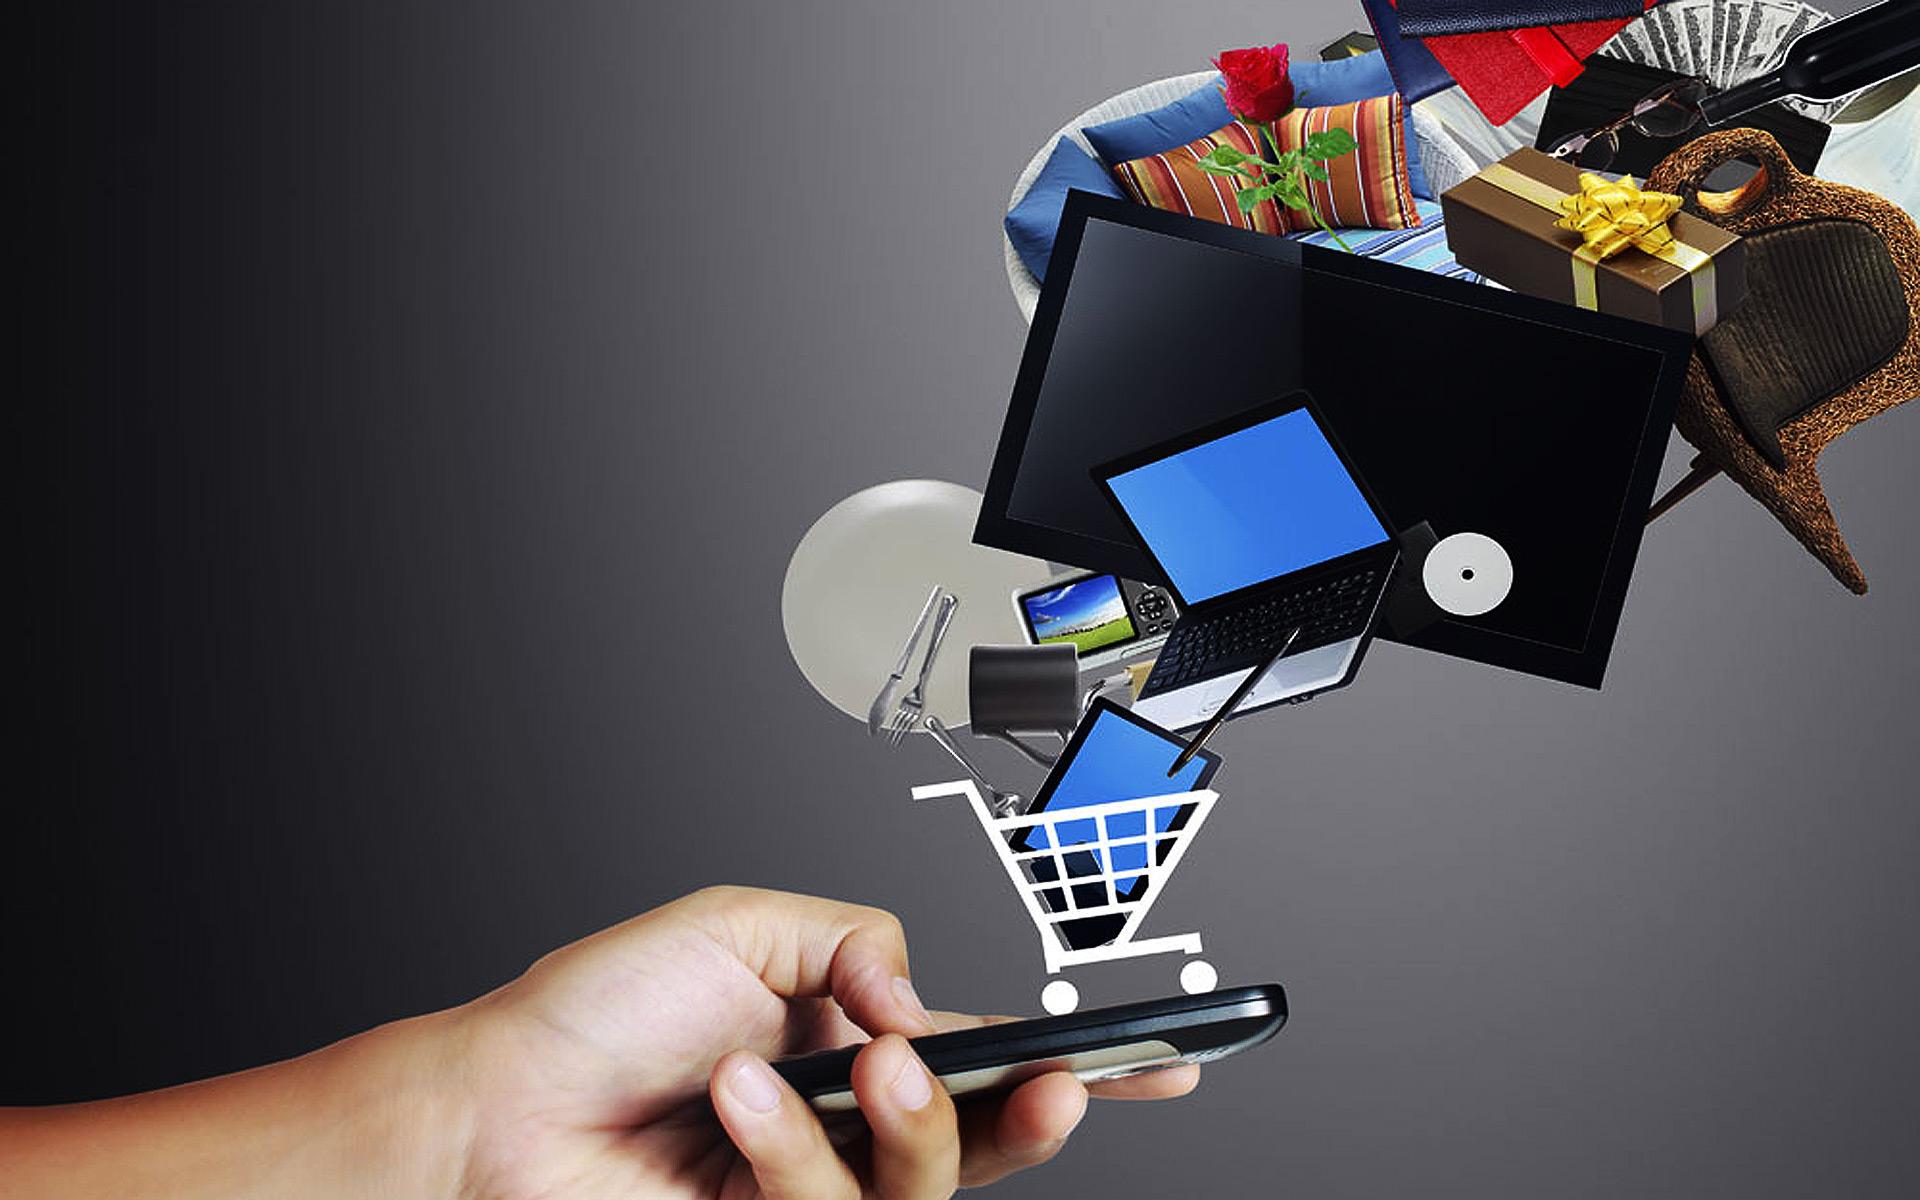 İnternetten Mobilya Alışverişi Nasıl Yapılır